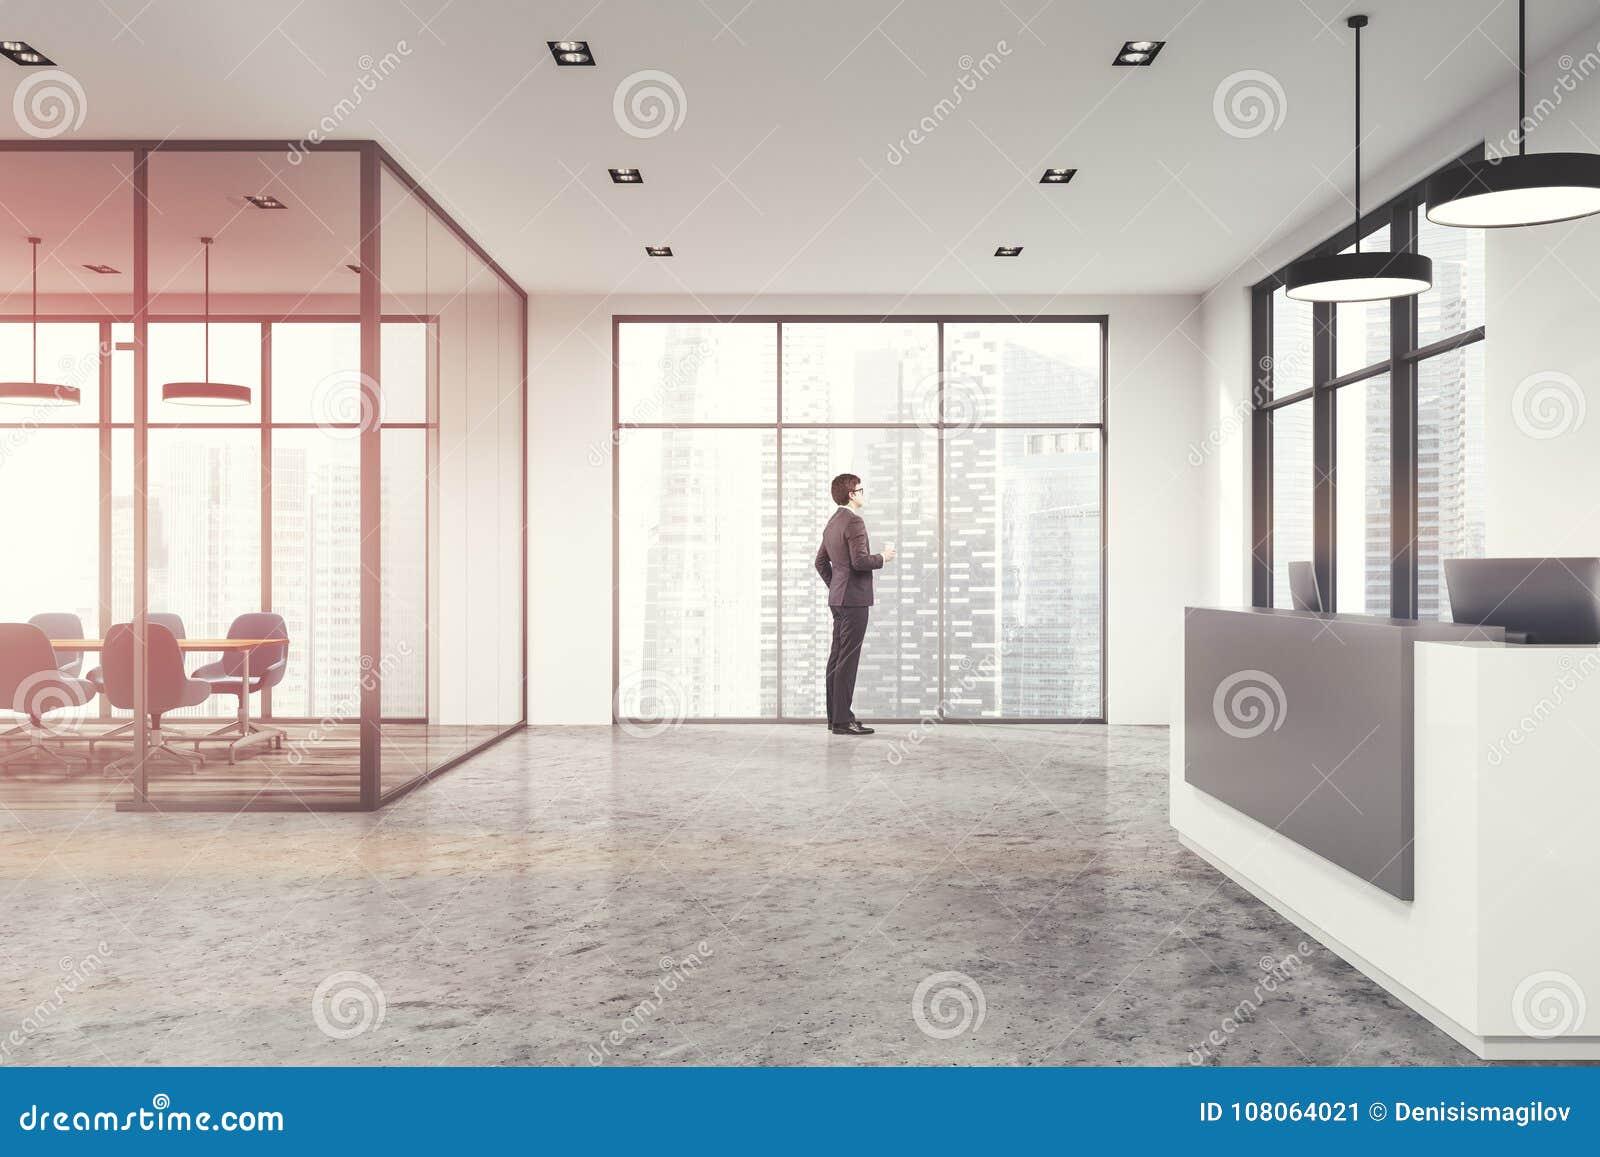 Reception Ufficio Bianco : Ufficio bianco reception tonificata immagine stock immagine di